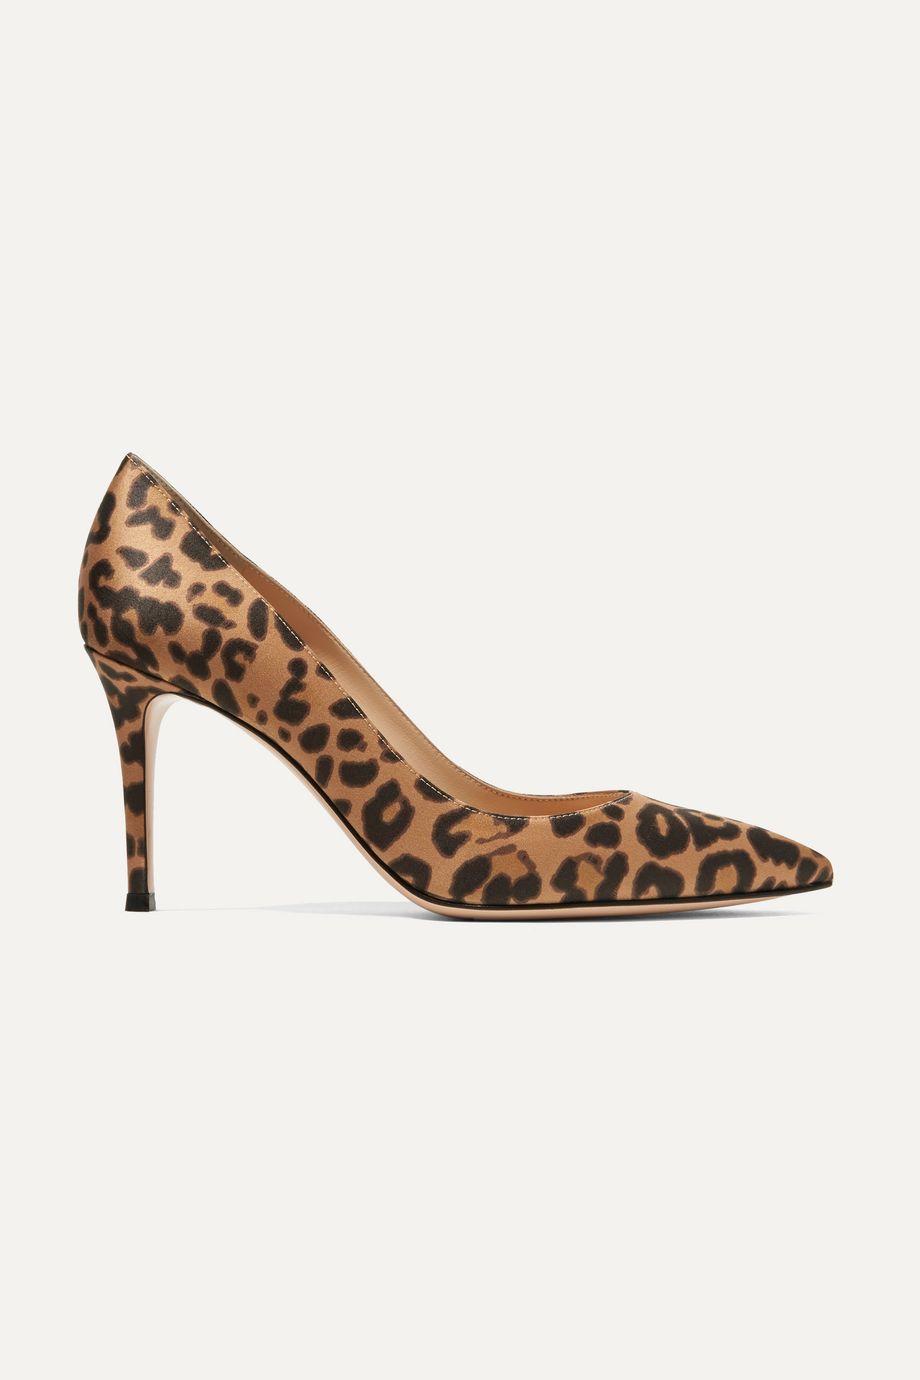 Gianvito Rossi 85 leopard-print satin pumps